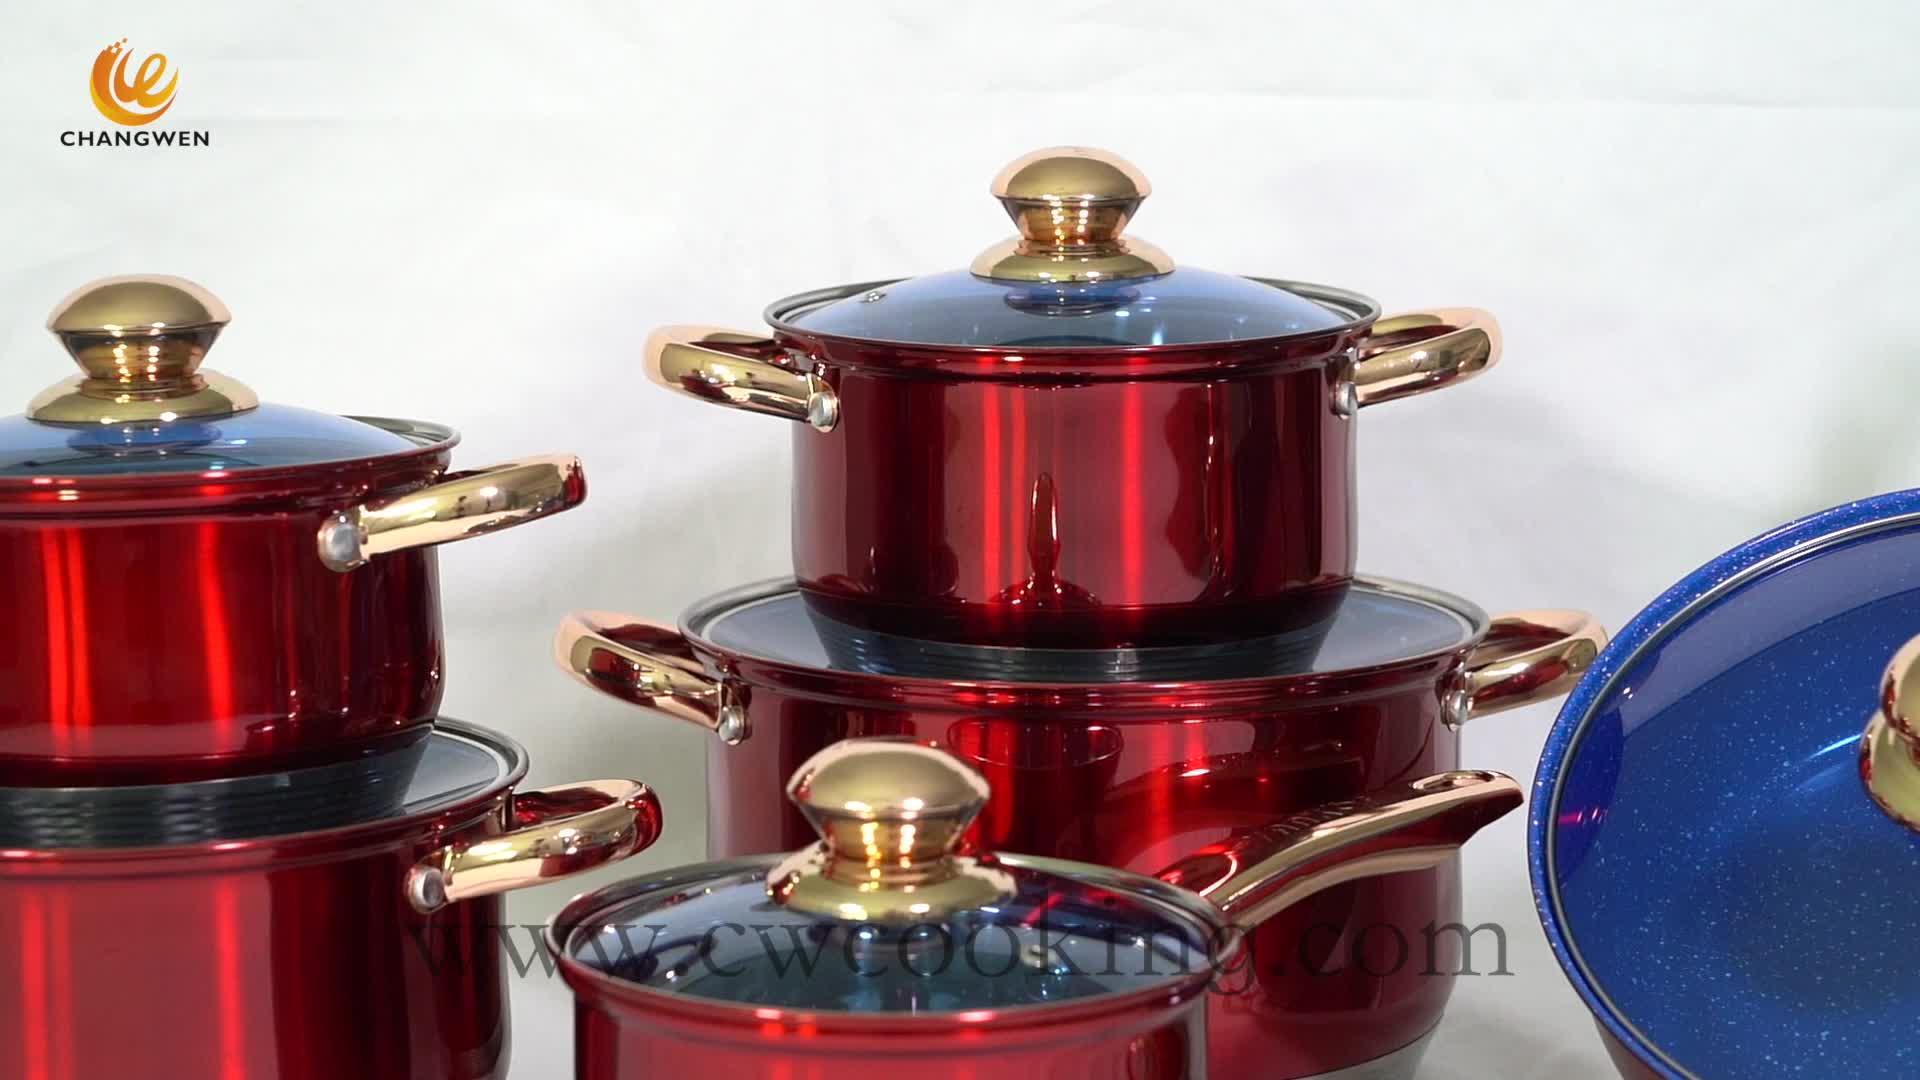 Cao chất lượng sinh thái thân thiện với 12pcs cảm ứng & cooker & bếp nấu thép không gỉ không dính cookware set với siêu capsule dưới